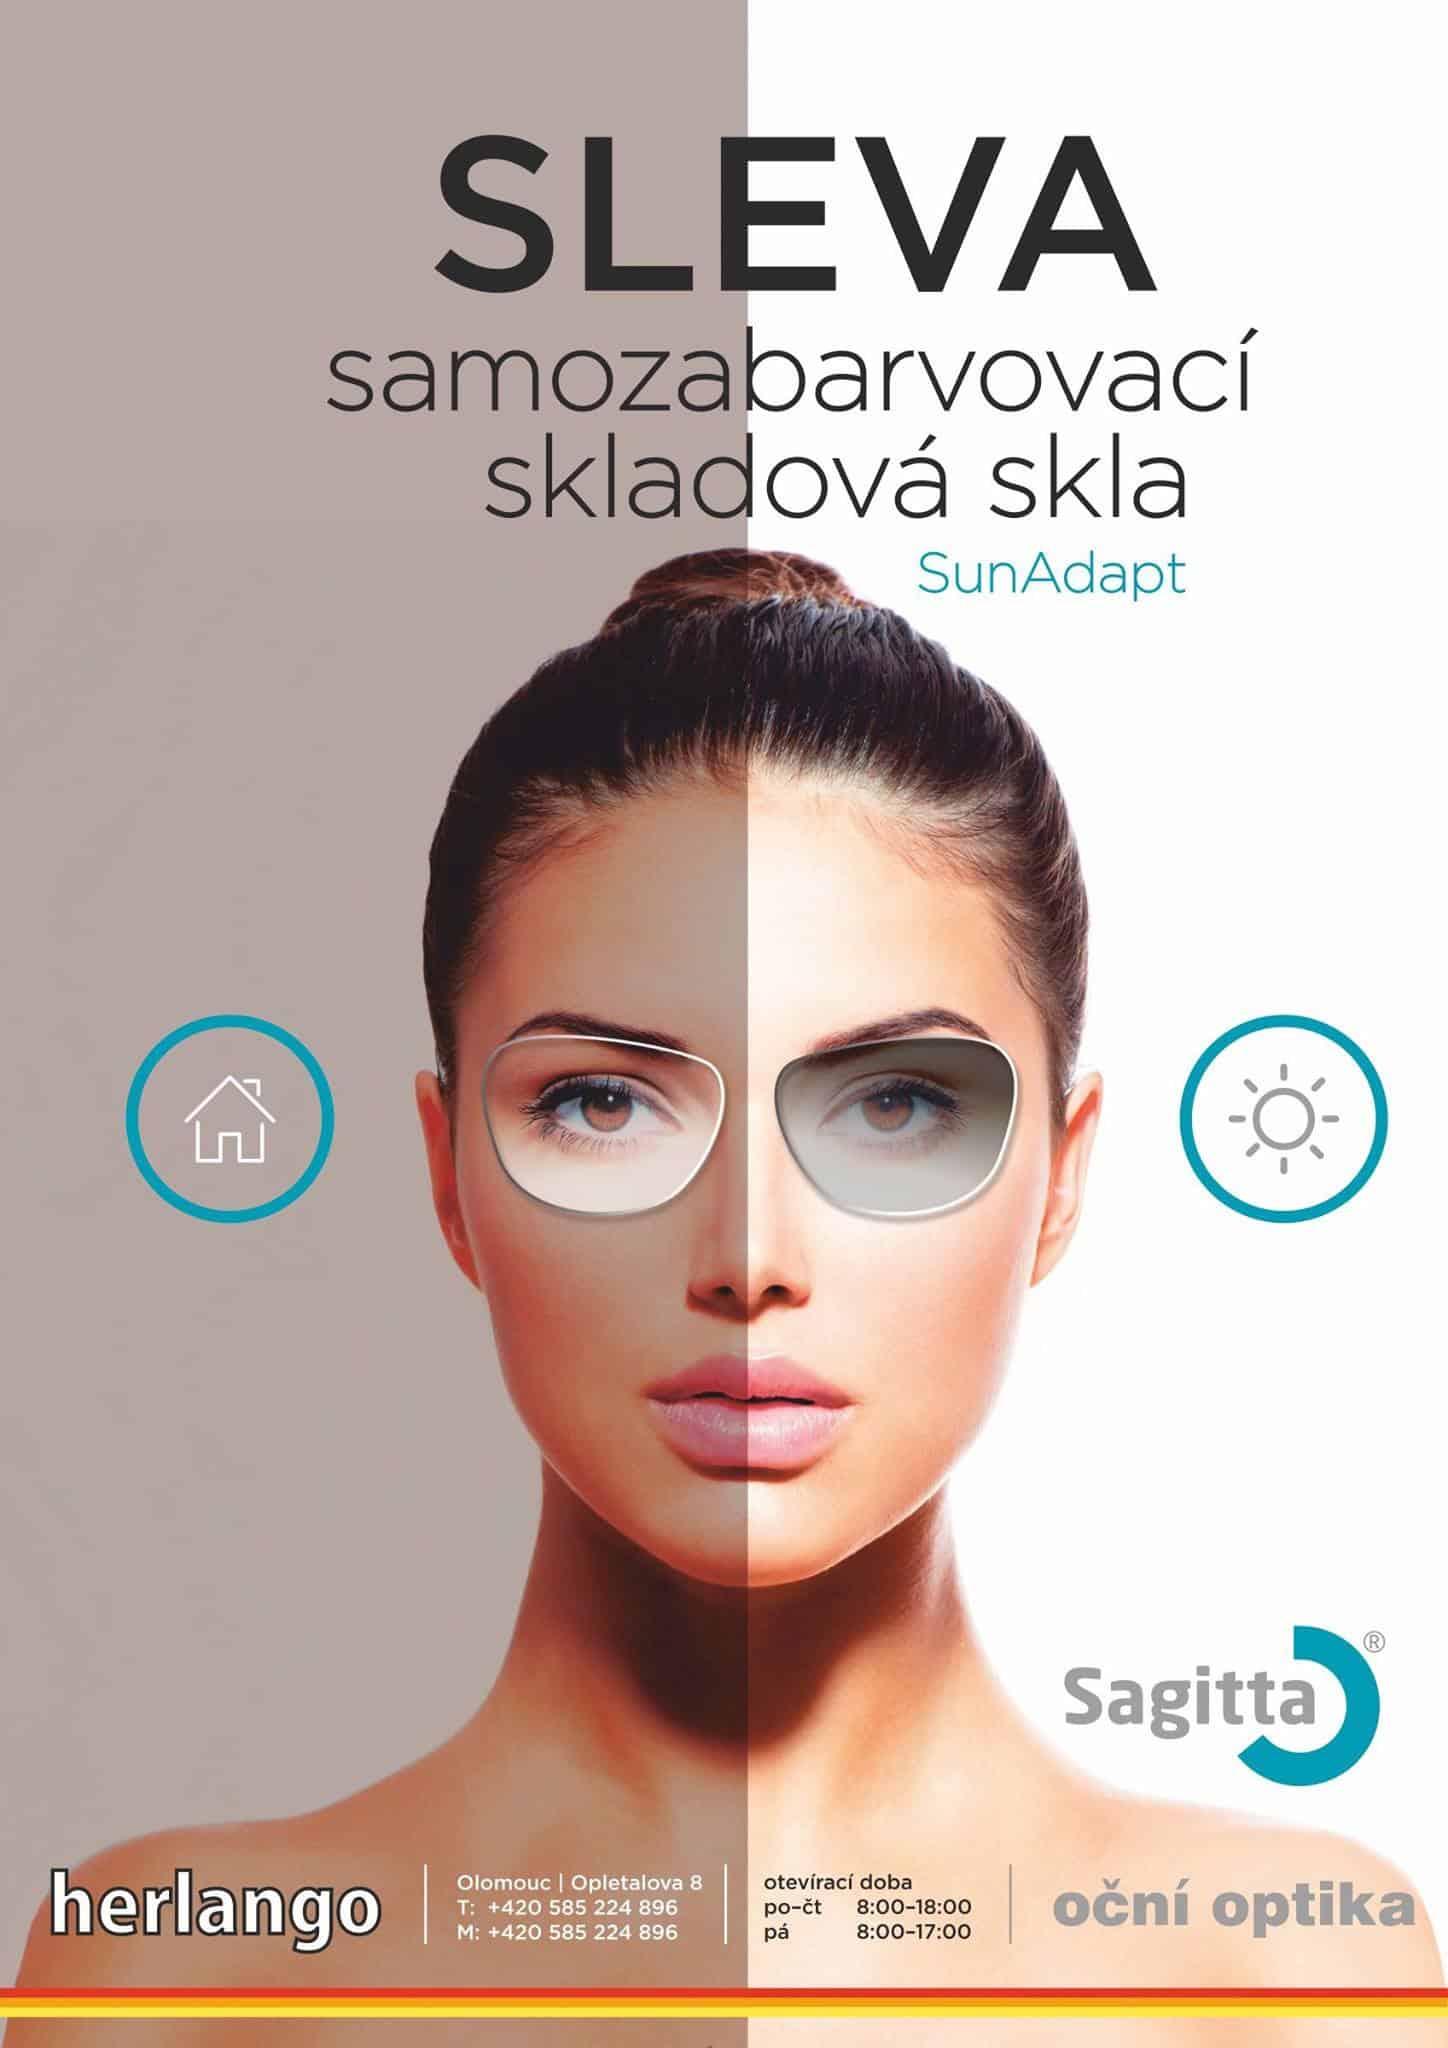 Sluníčko nám už pěkně vykukuje🌤. Udělejte si radost se samozabarvovacími skly 👓 SunAdapt 🕶 s antireflexní úpravou. - dokonalá ochrana před sluncem i UV zářením - v aktivním zabarveném stavu dosahuje absorpce cca 80% - antireflexní úprava na povrchu skla snižuje odlesky Zastavte se k nám na pobočku v Olomouci, rádi Vám poradíme